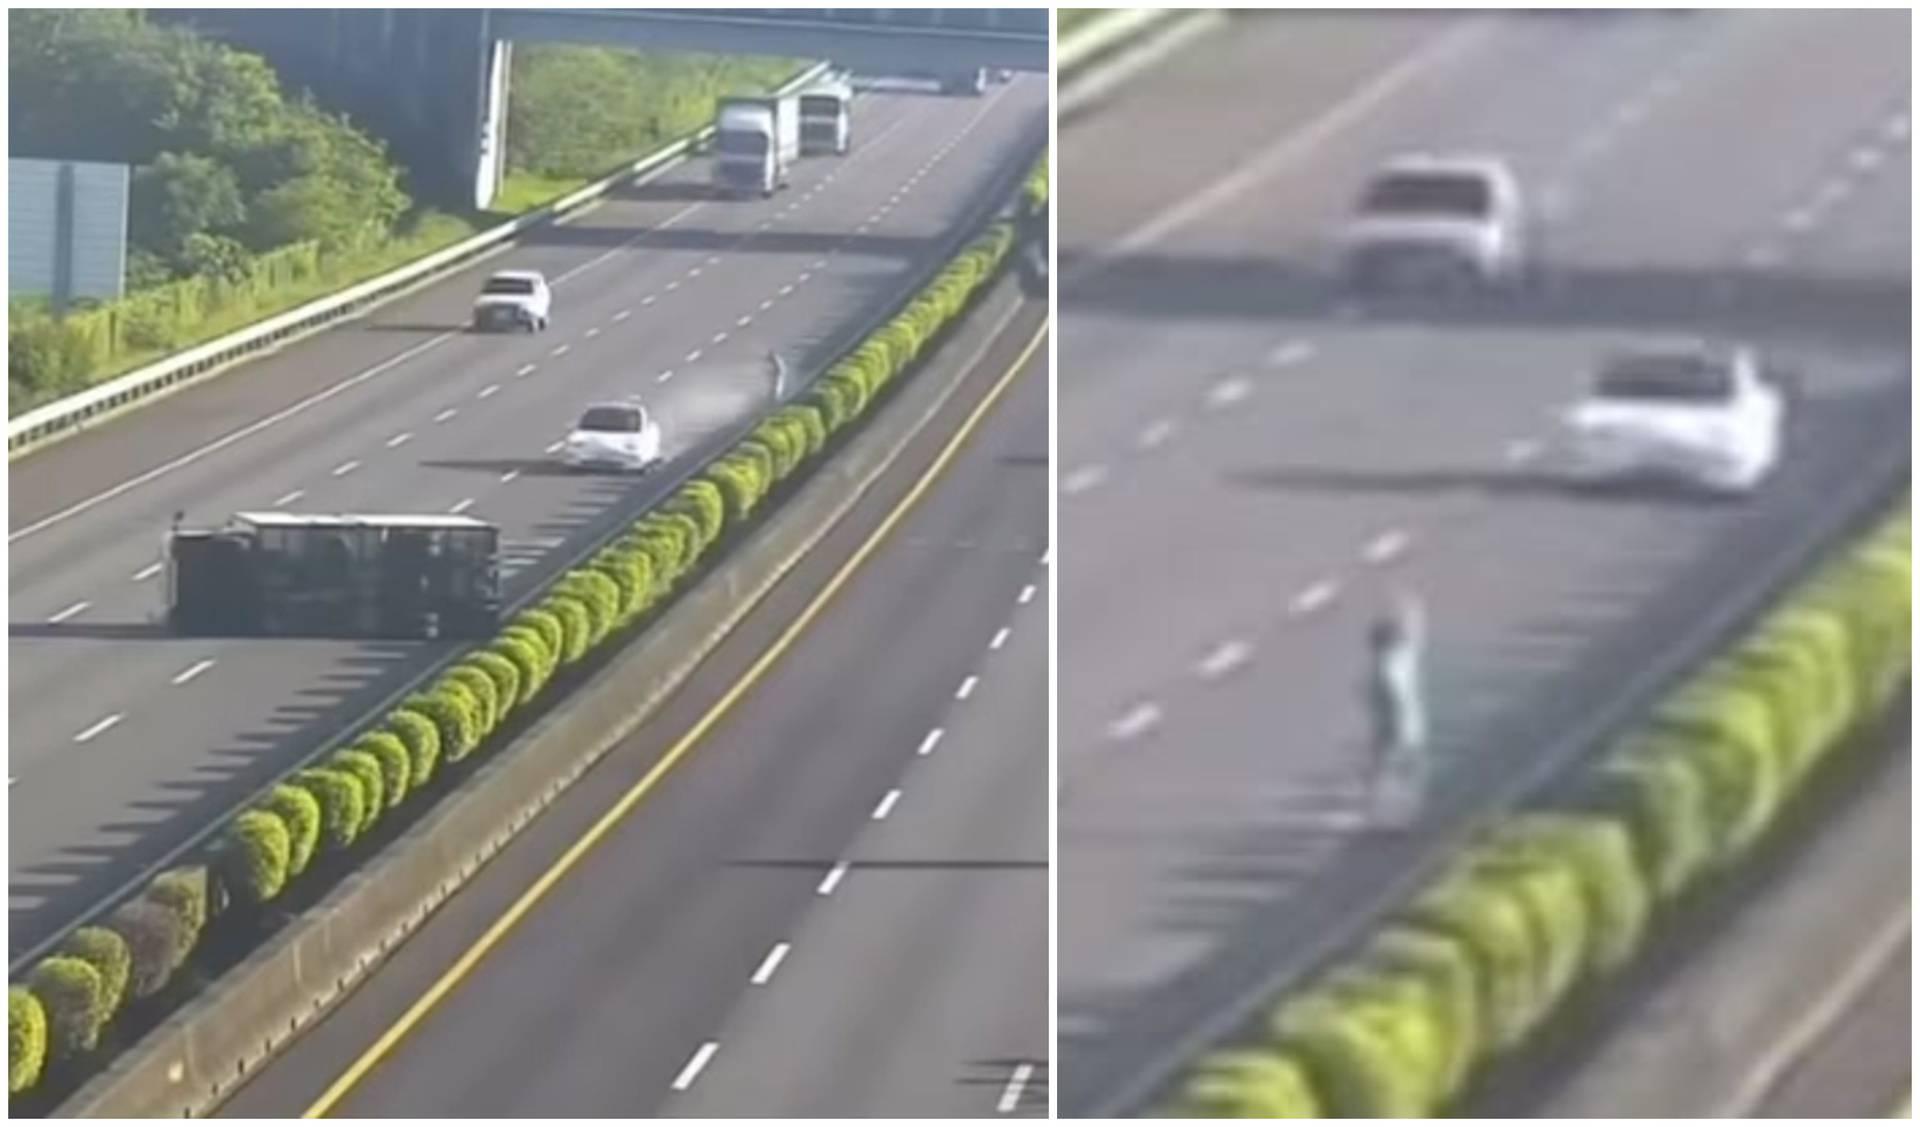 Ma kako ga nije vidio?! Vozač se zabio u kamion prevrnut na cesti, zakazao Teslin autopilot?